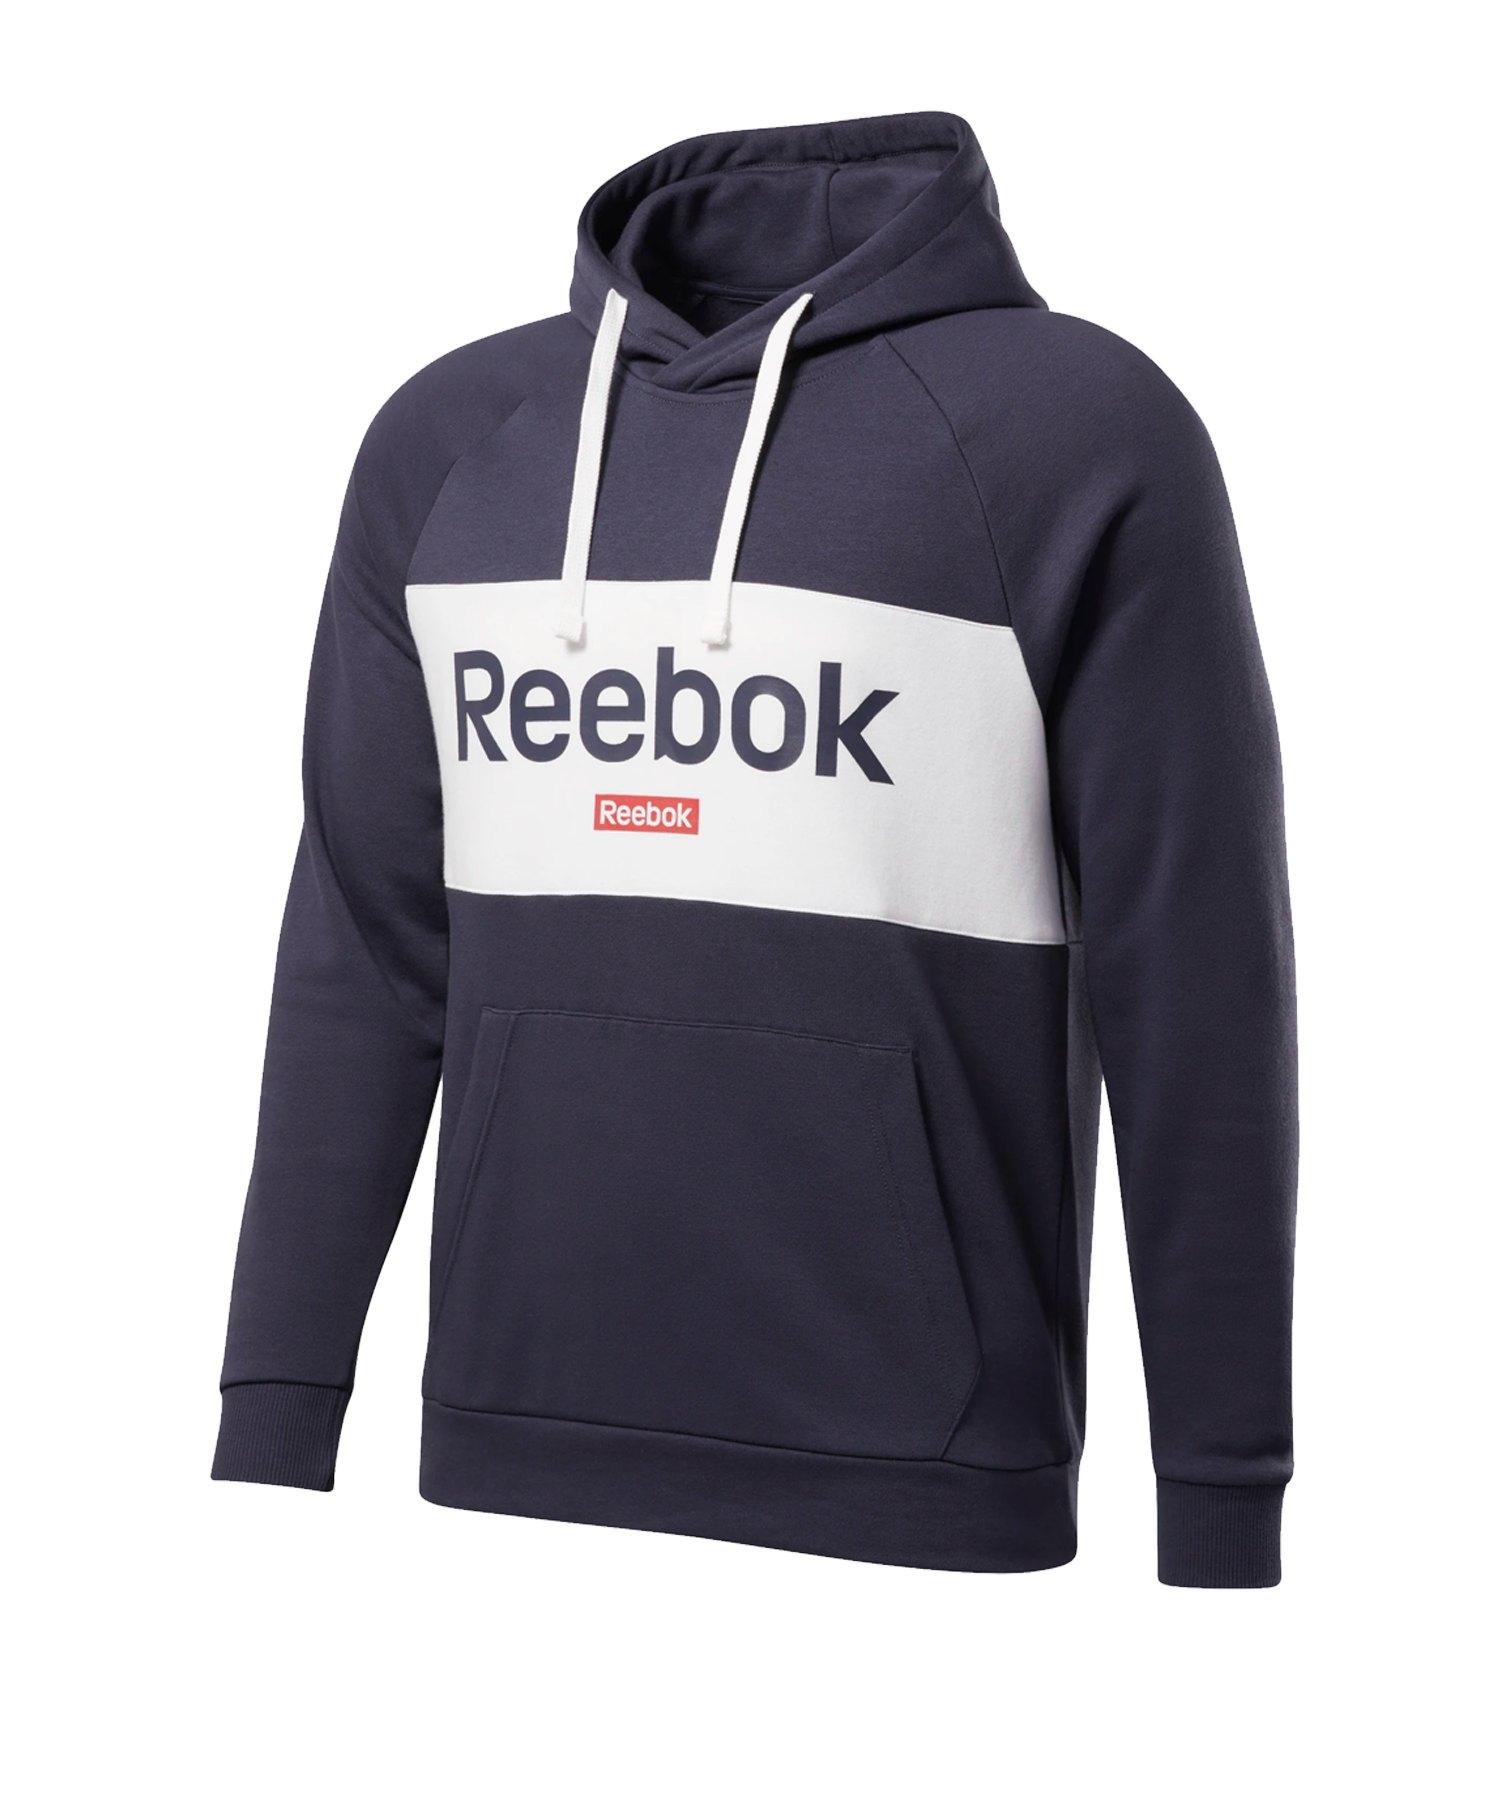 Reebok Big Logo Hoody Blau Weiss - blau